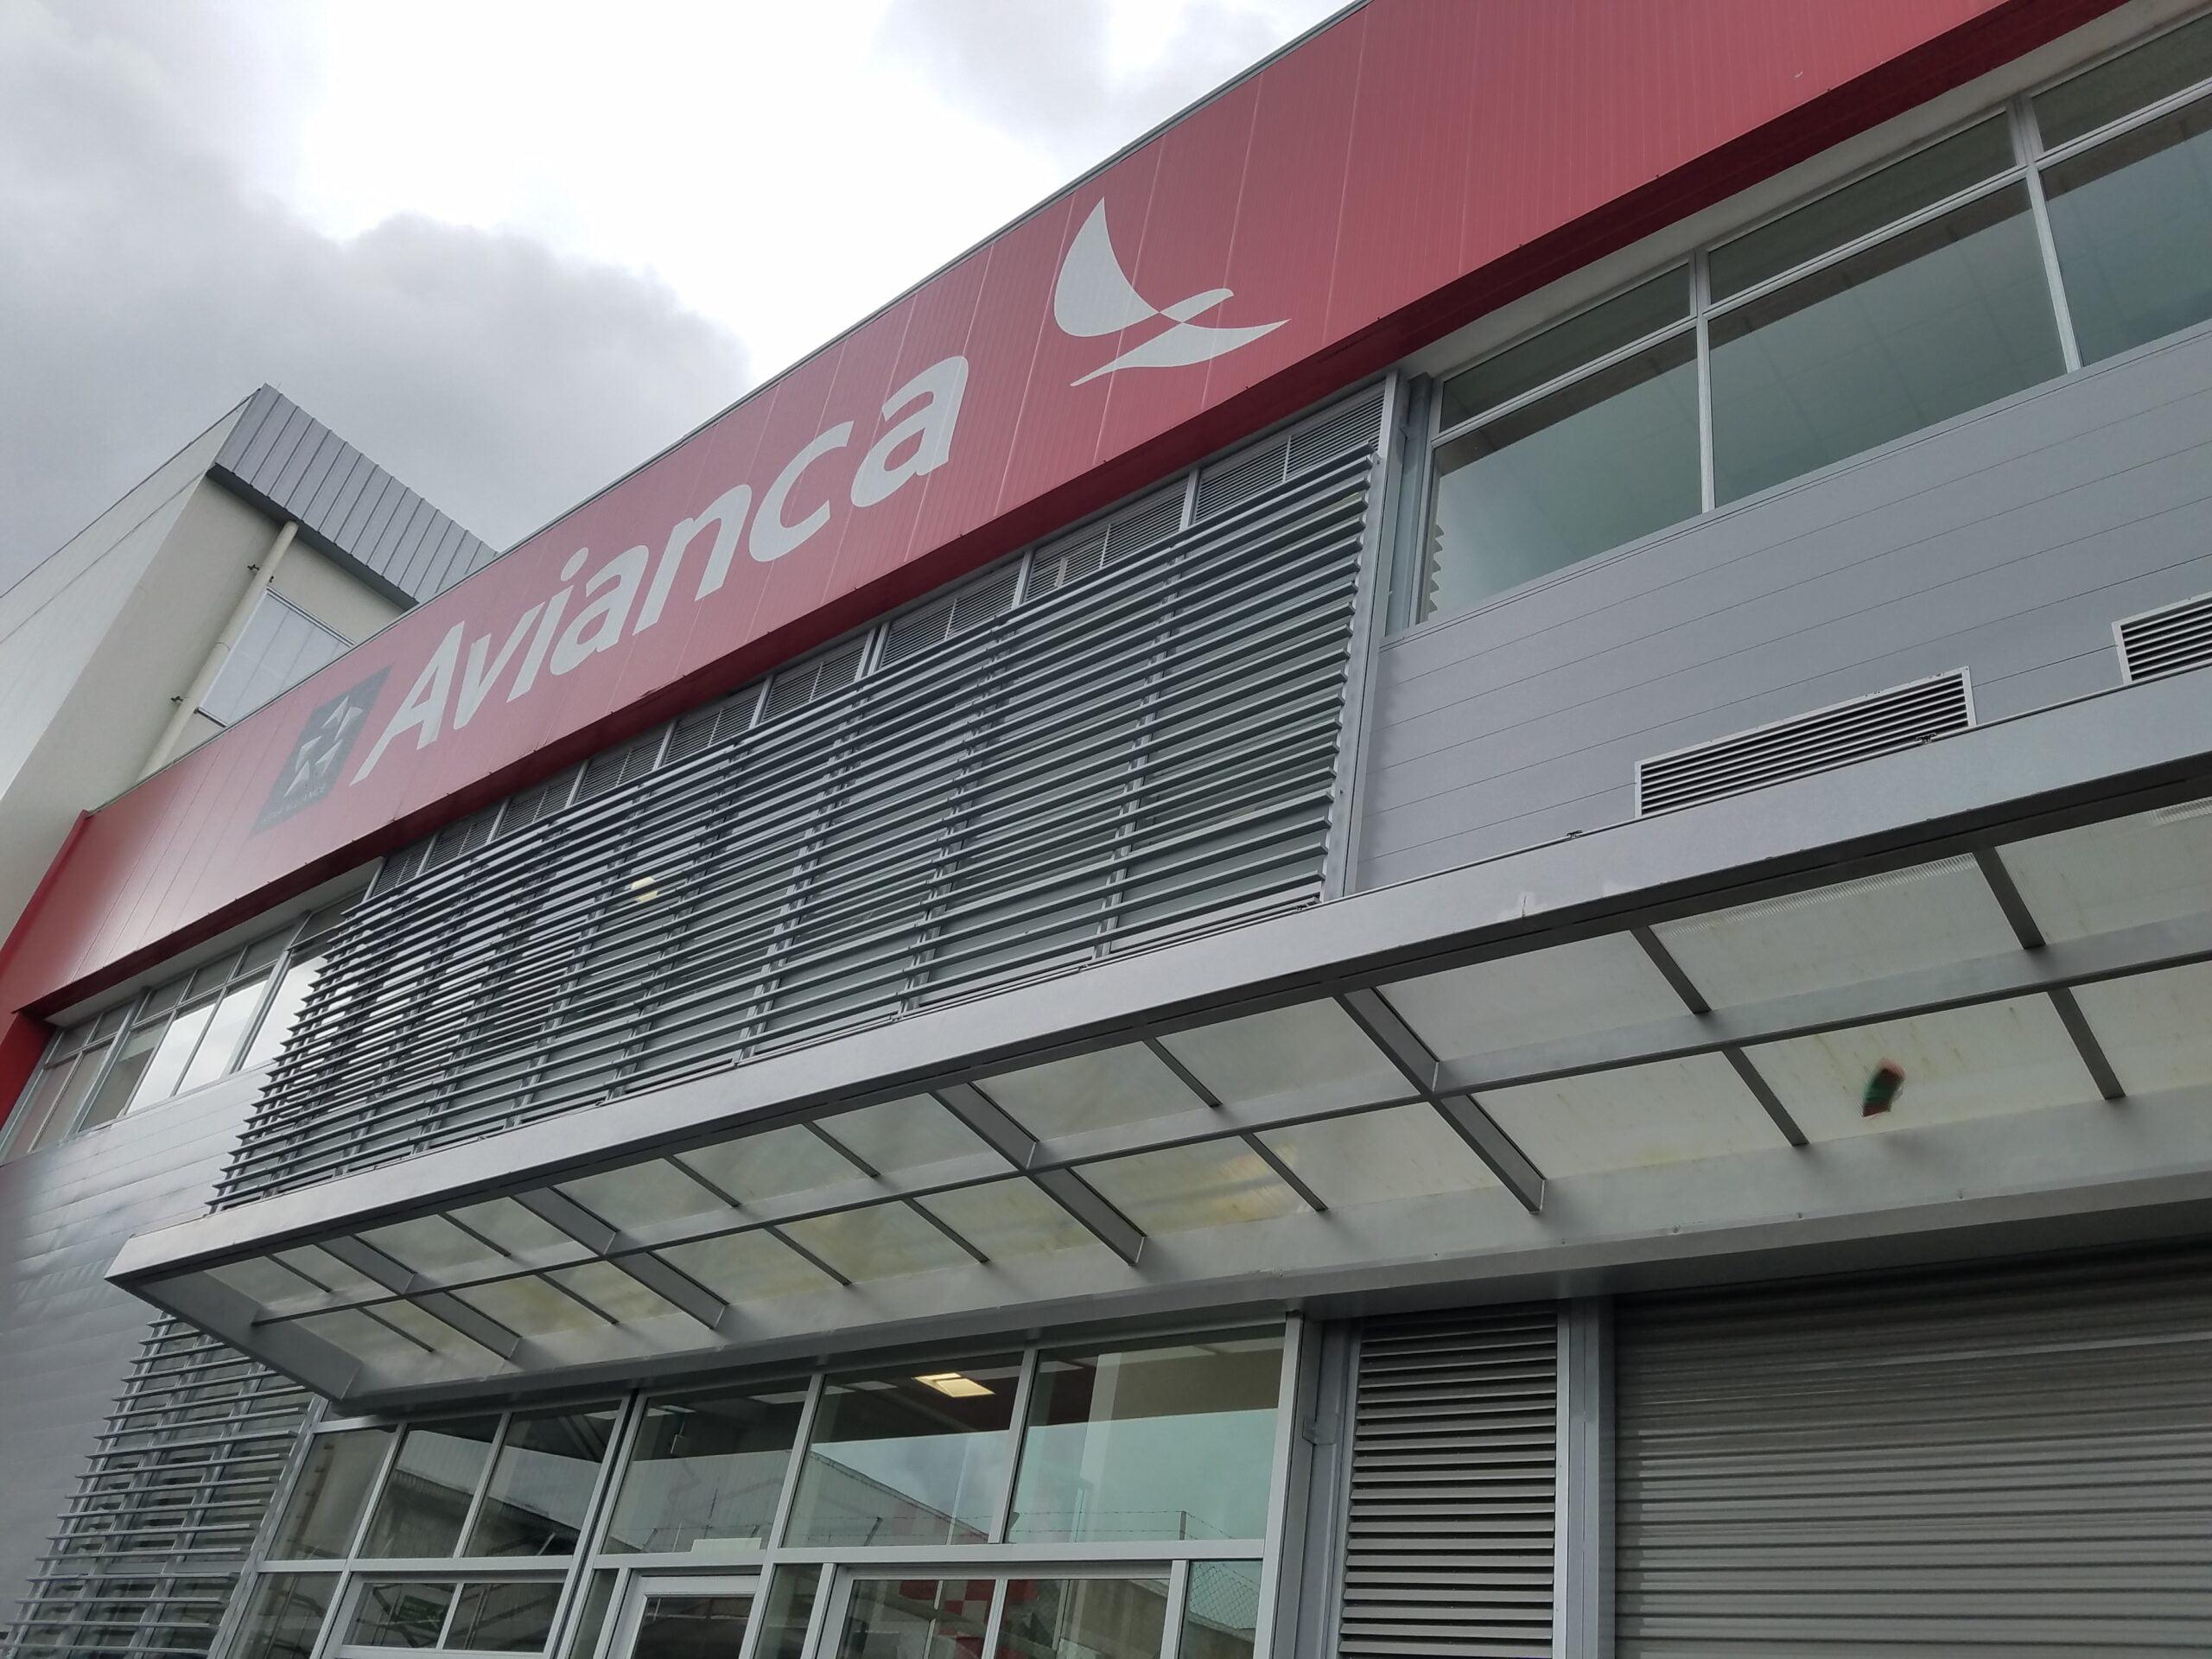 hangar avianca aeropuerto jmc hangar de avianca 2 scaled